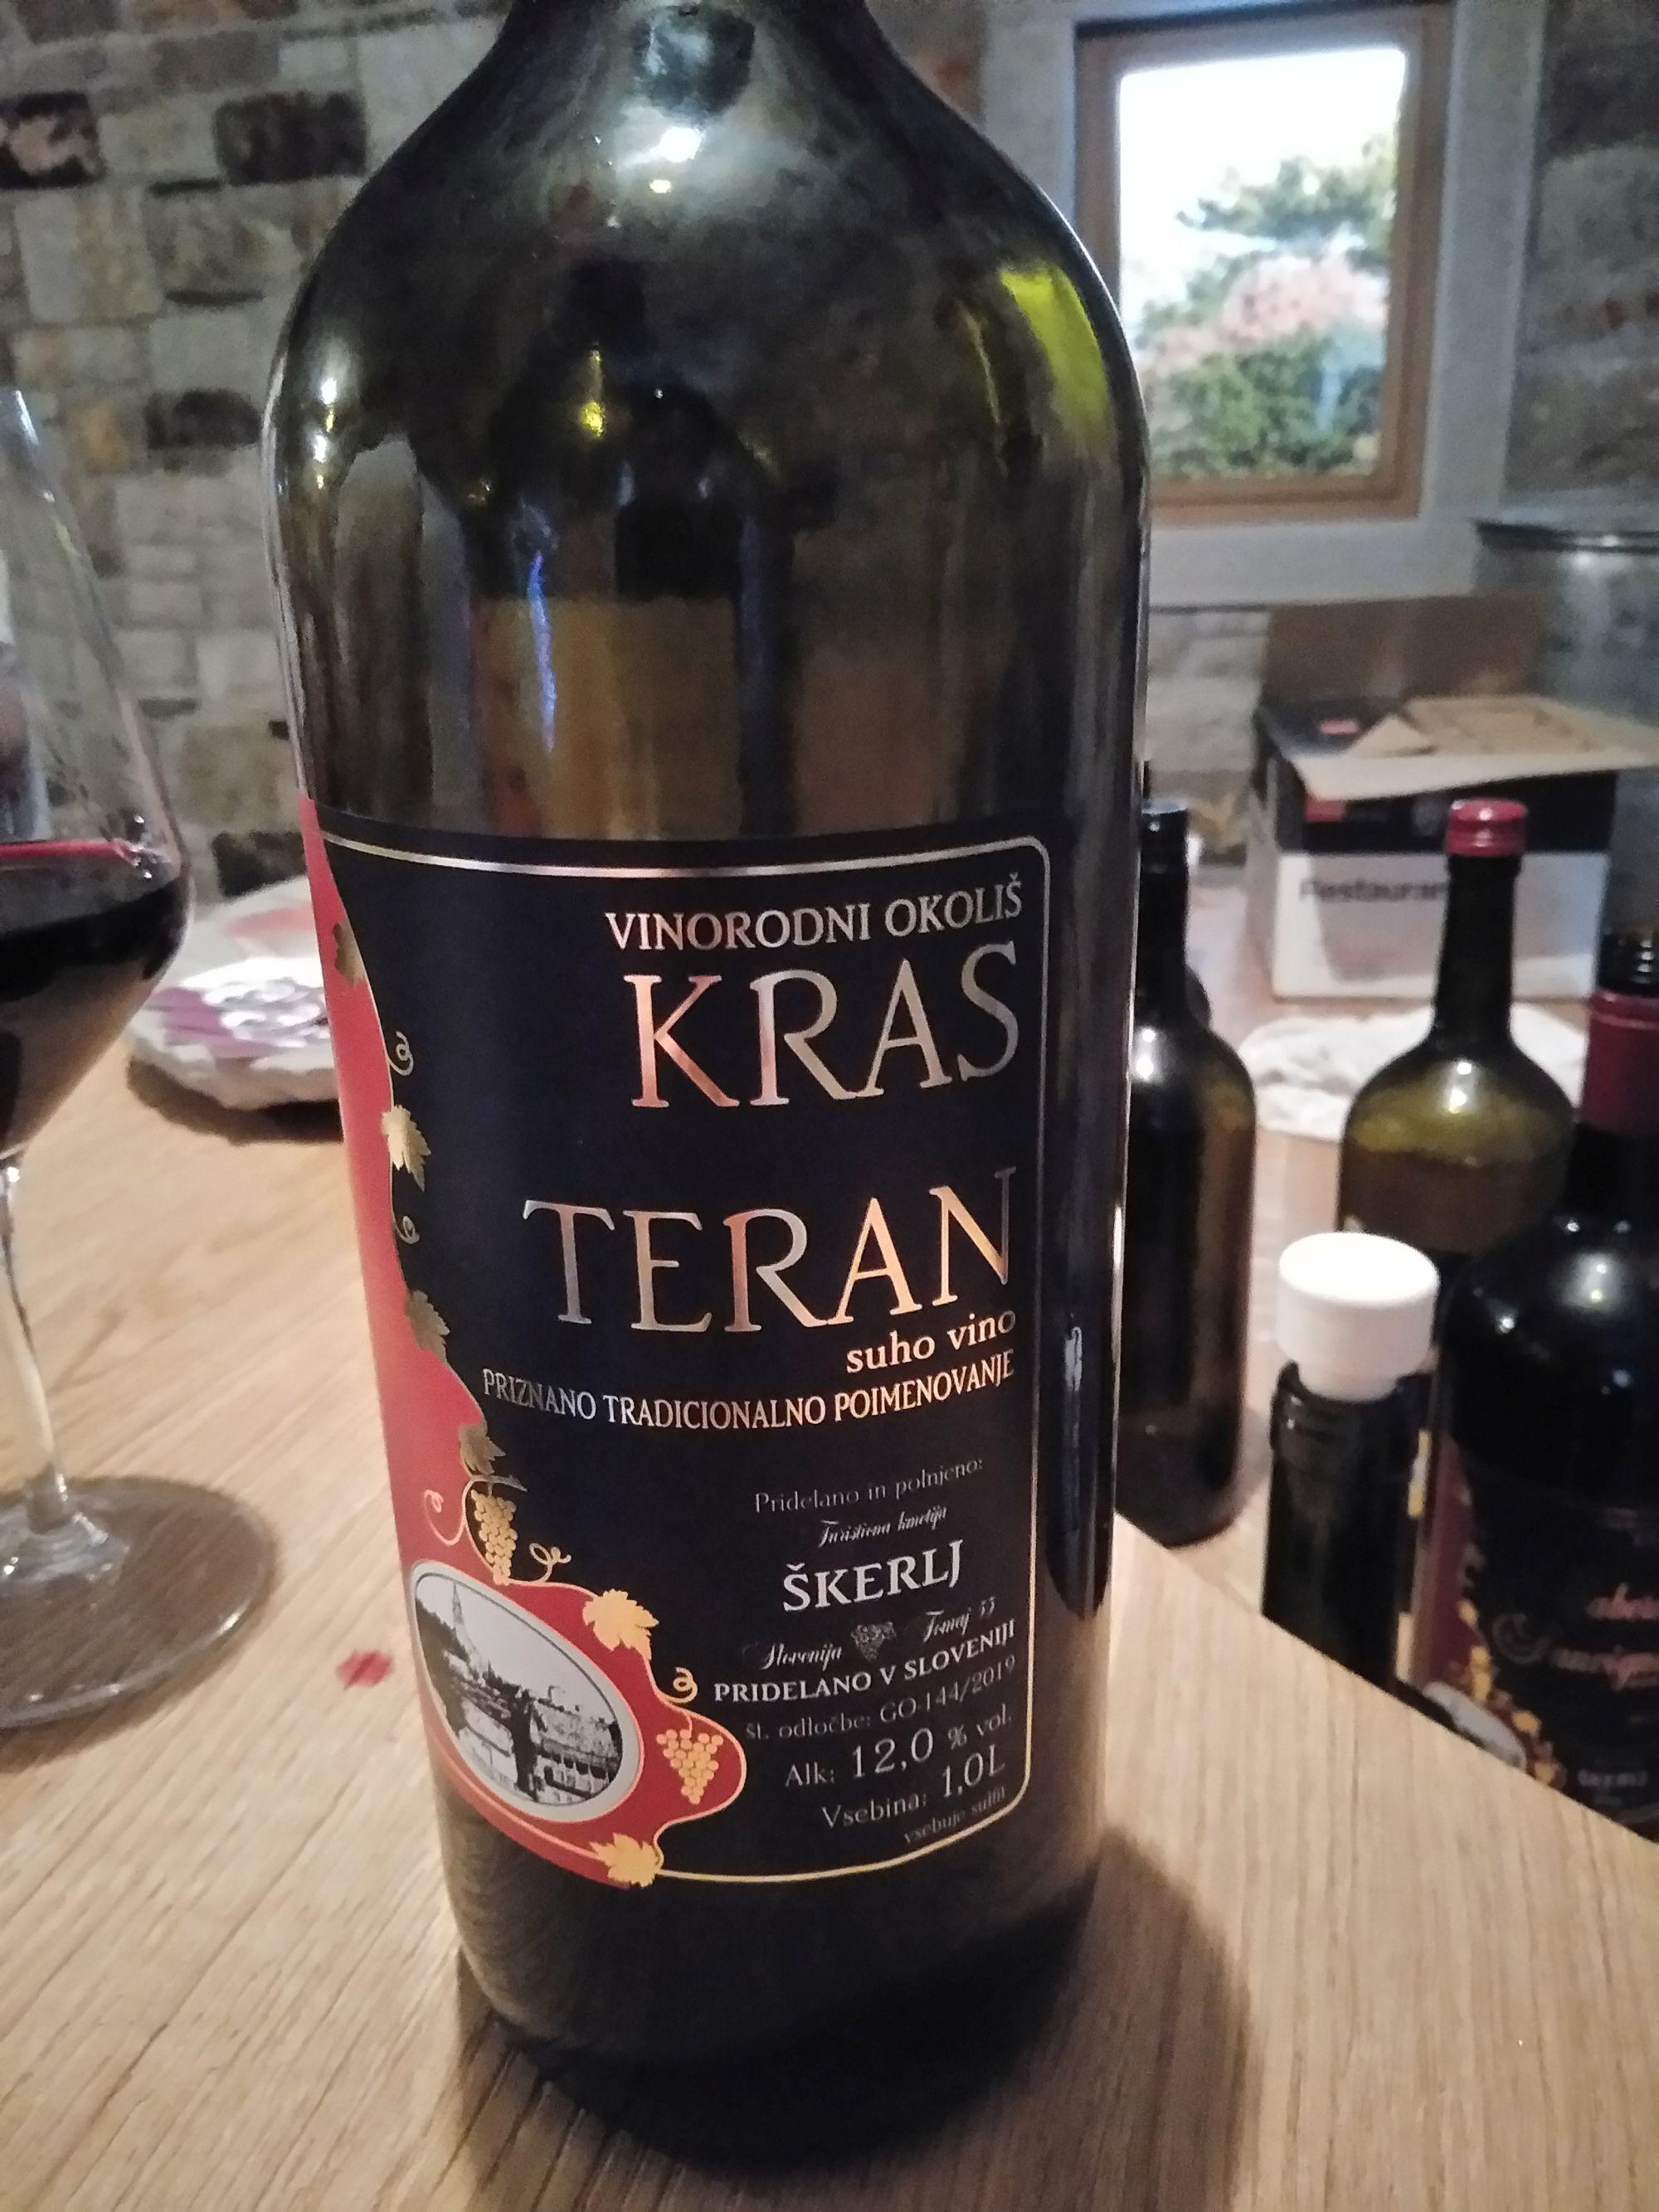 Bottle of red Teran wine